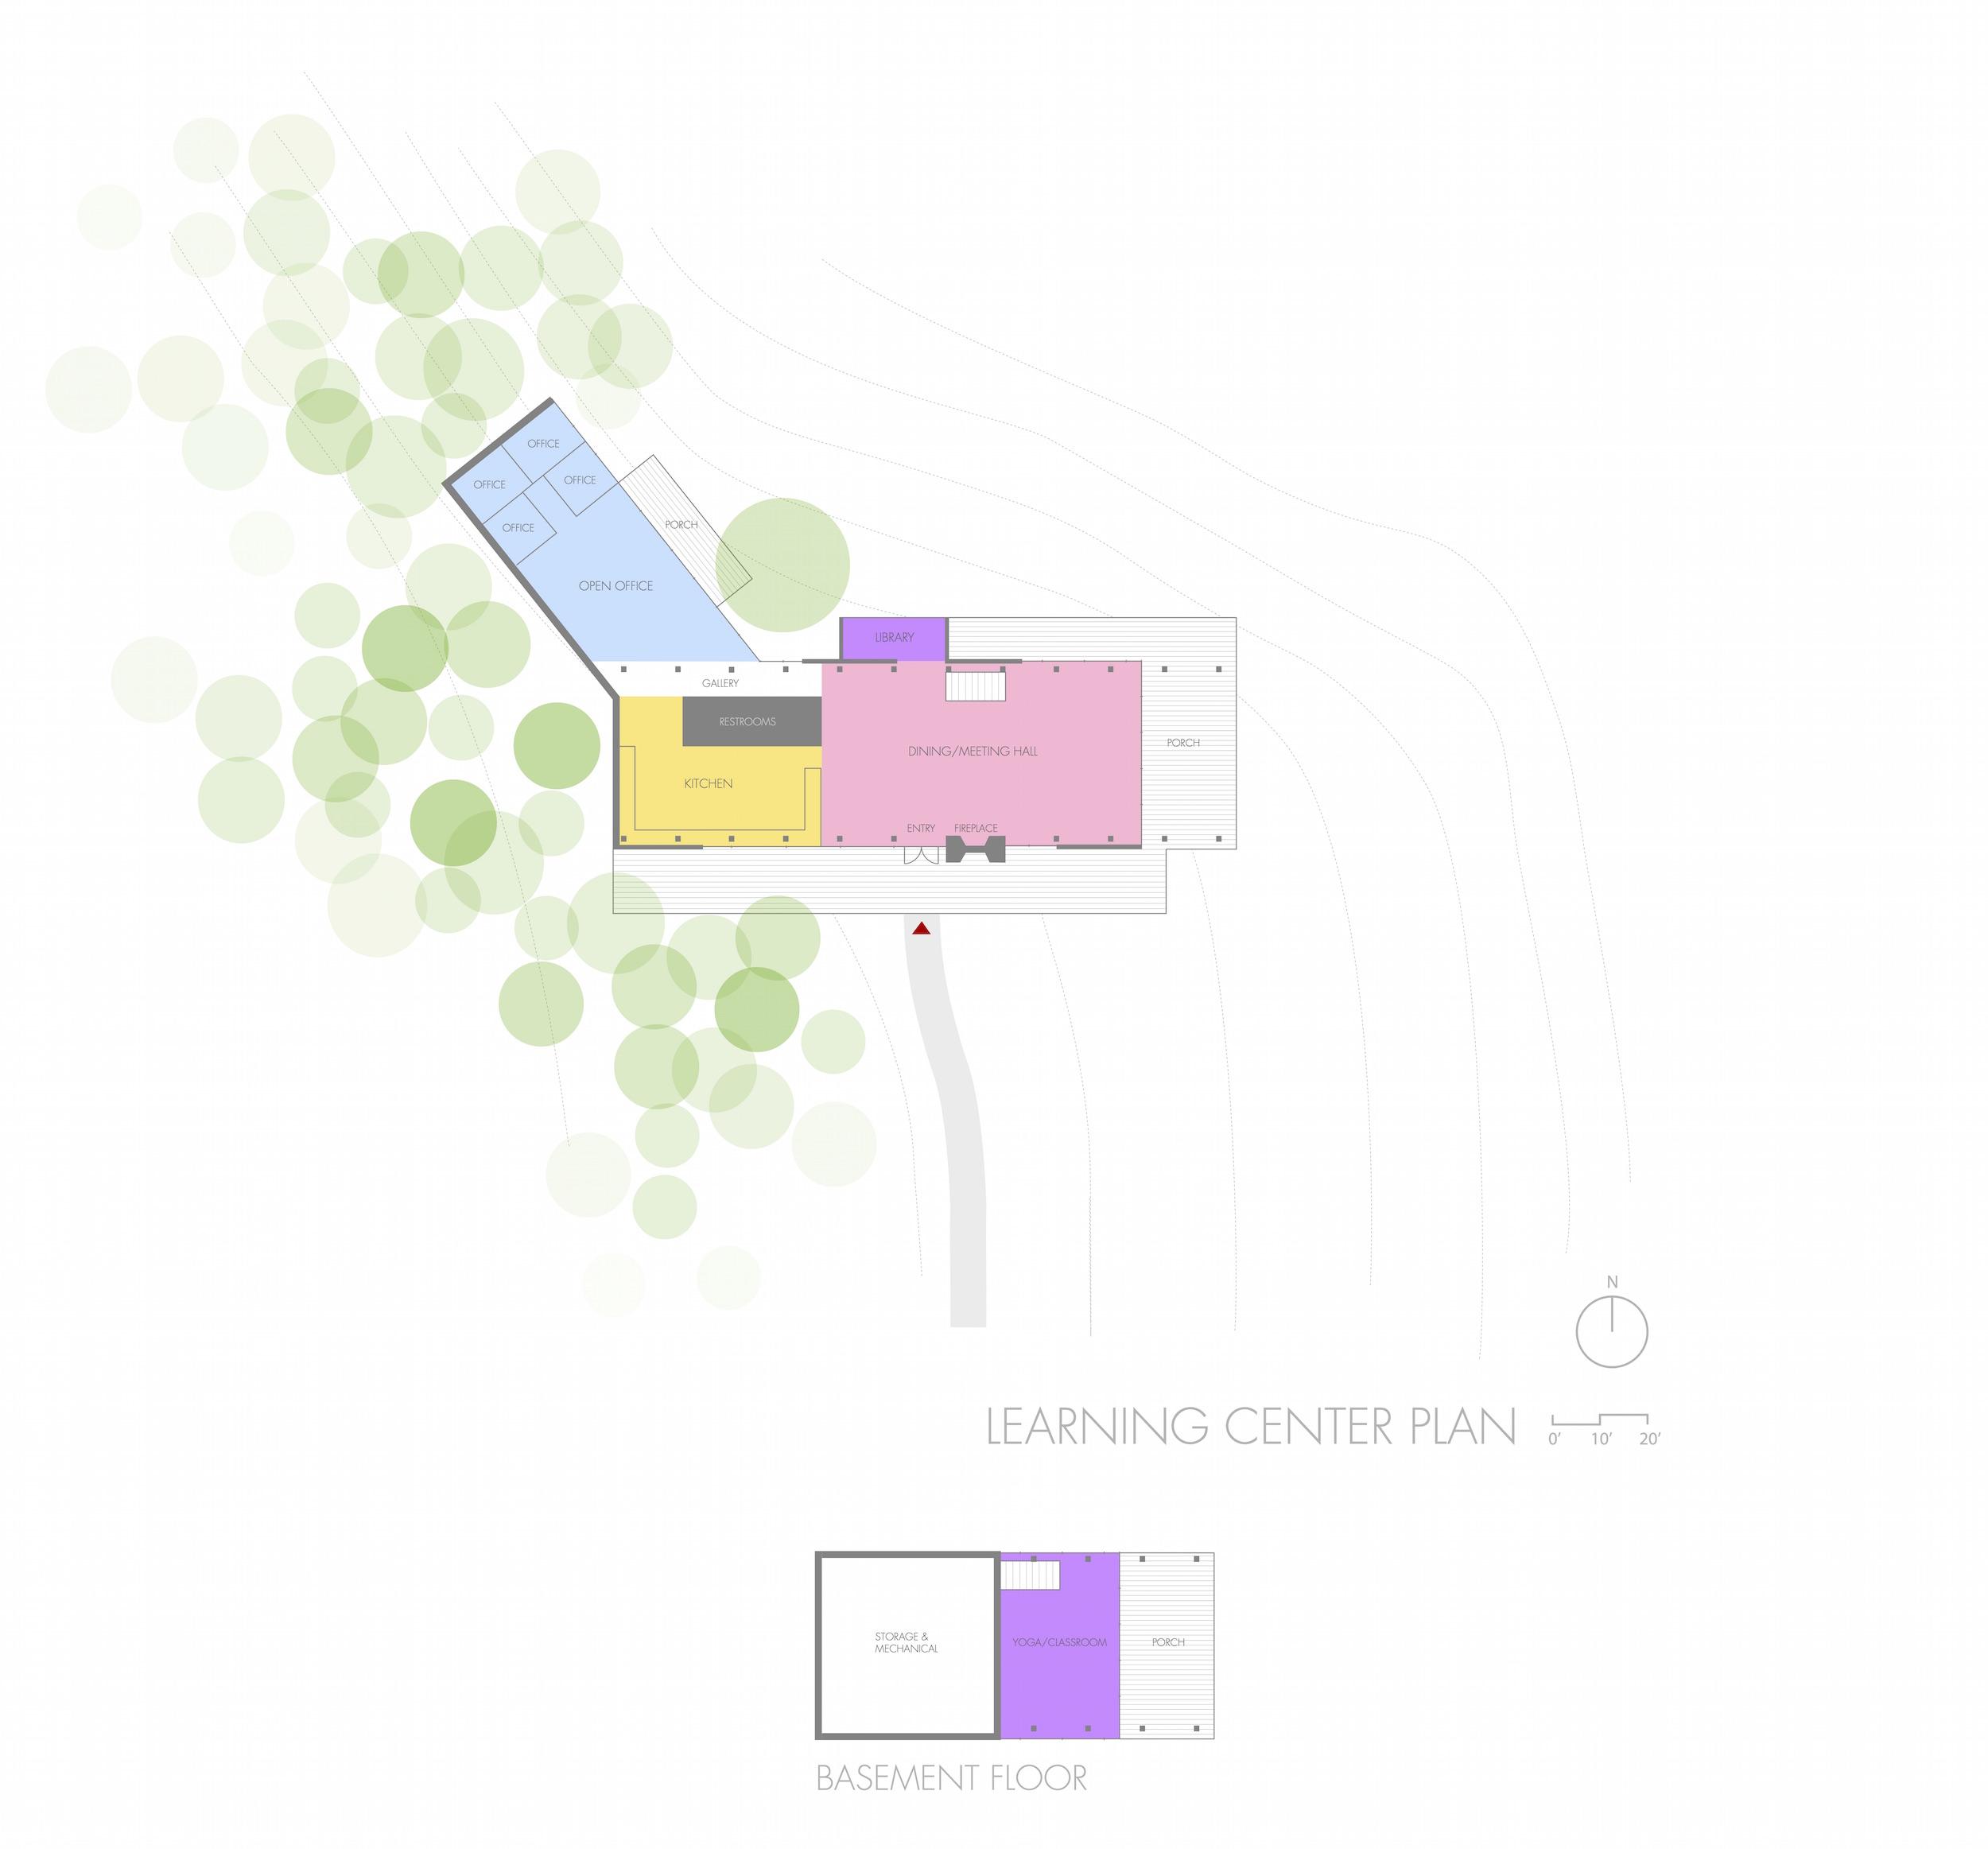 160926 Learning center Plan.jpg